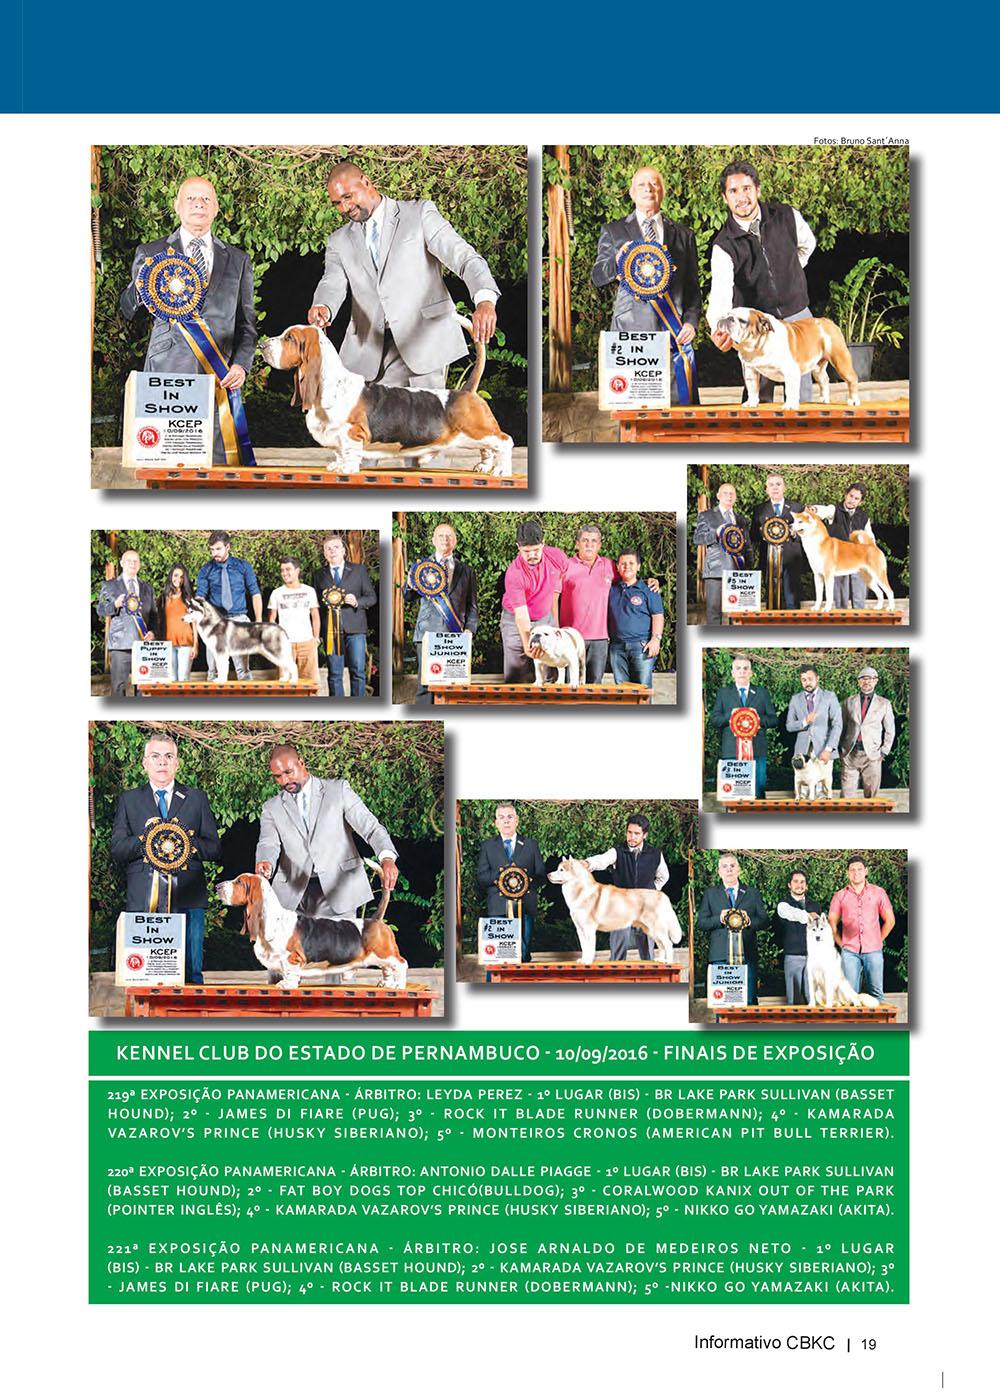 Pagina 19  Edição 53 do Informativo CBKC